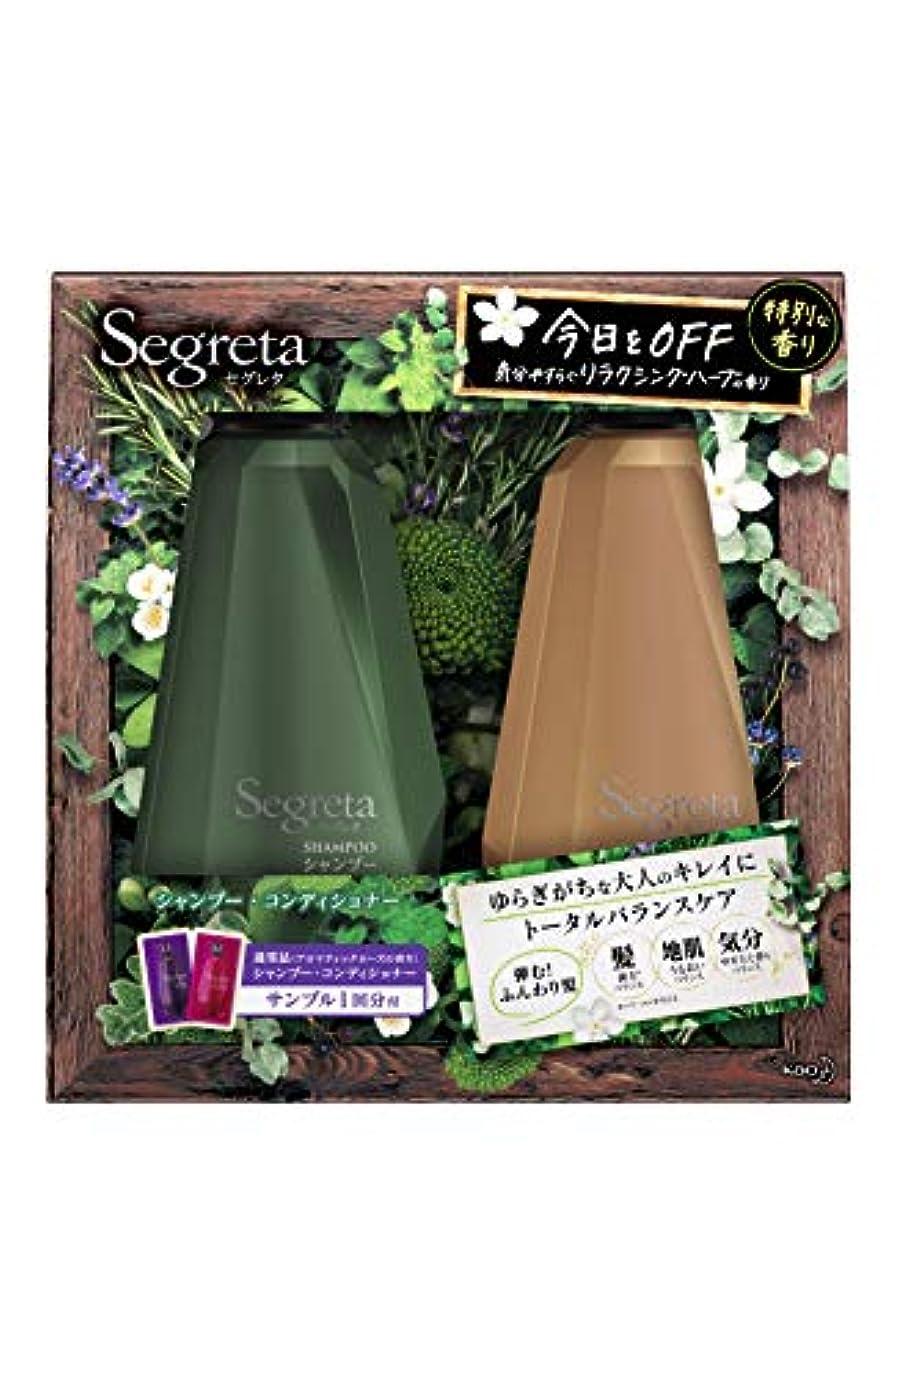 慣れる確率熱帯のセグレタ ポンプペア リラクシングハーブの香り (シャンプー430ml+コンディショナー430ml) セグレタアロマティックローズの香りシャンプー?コンディショナーサンプル1回分付き